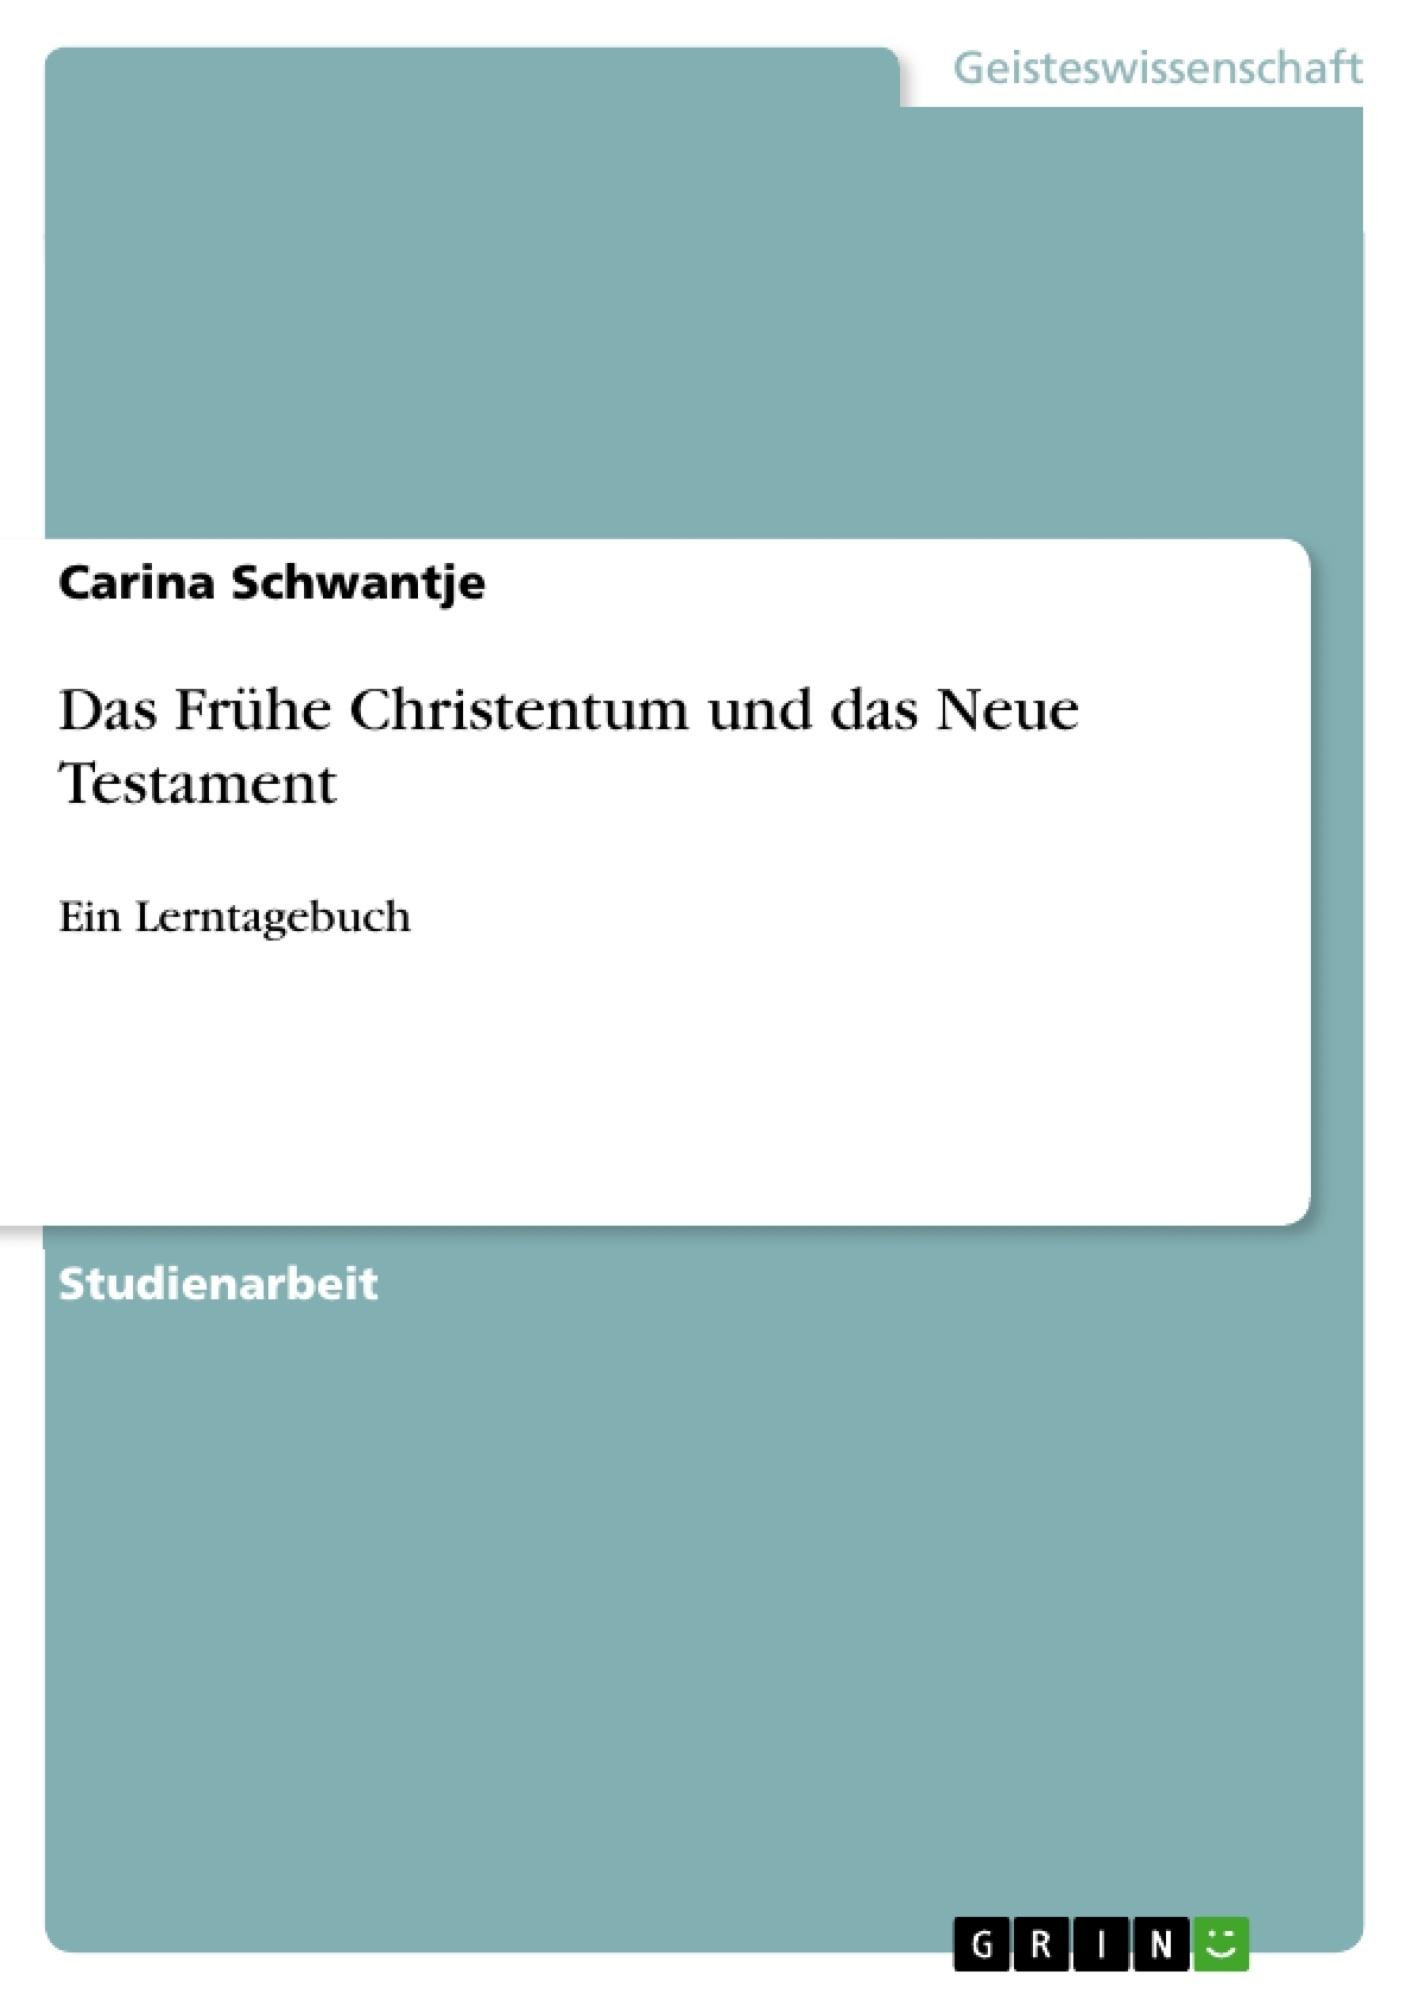 Titel: Das Frühe Christentum und das Neue Testament